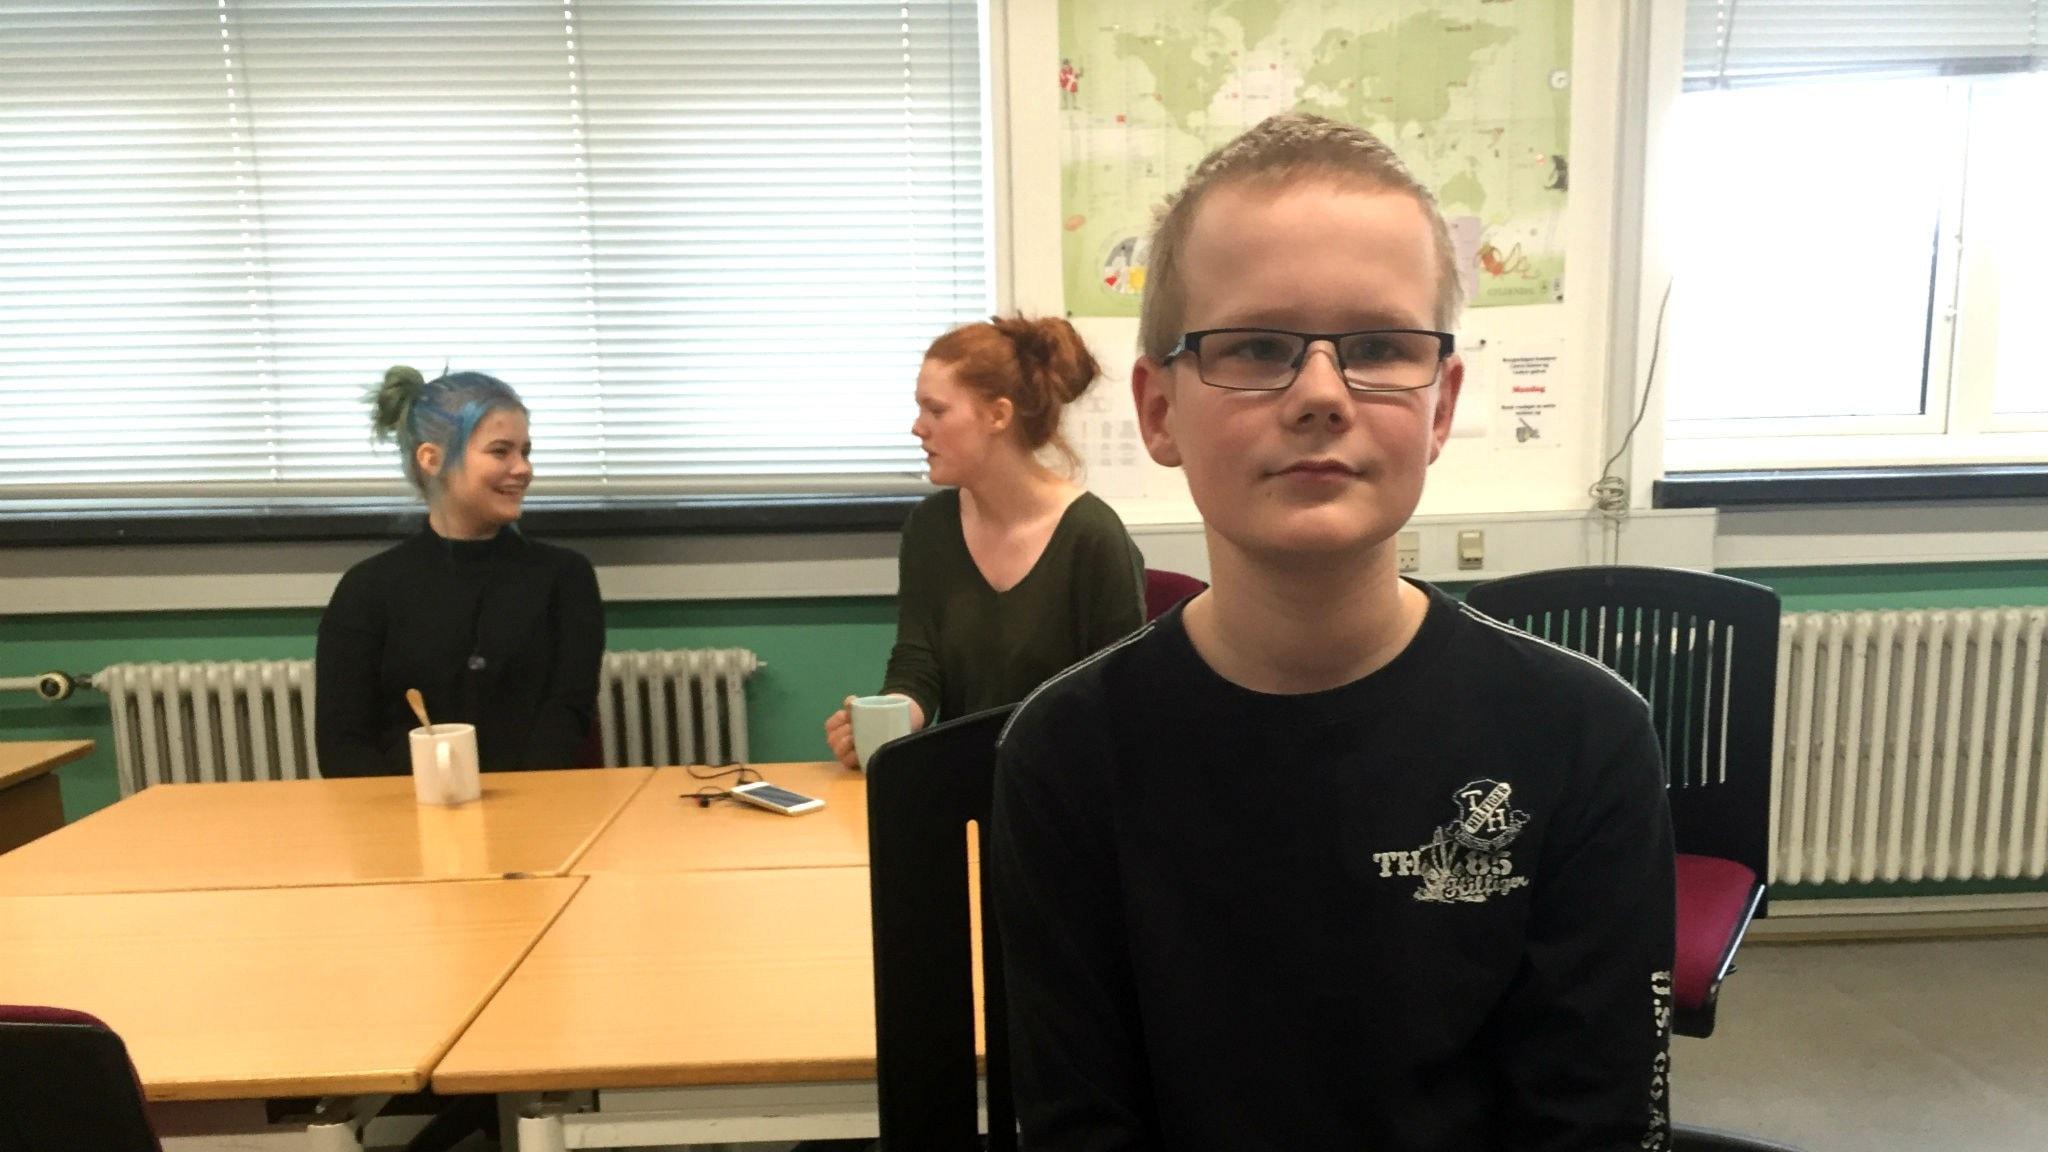 Efter att ha haft problem i den vanliga skolan har Kasper funnit sig till rätta på Mentiqa-skolan i Danmark, en skola för barn med särskilt begåvning.